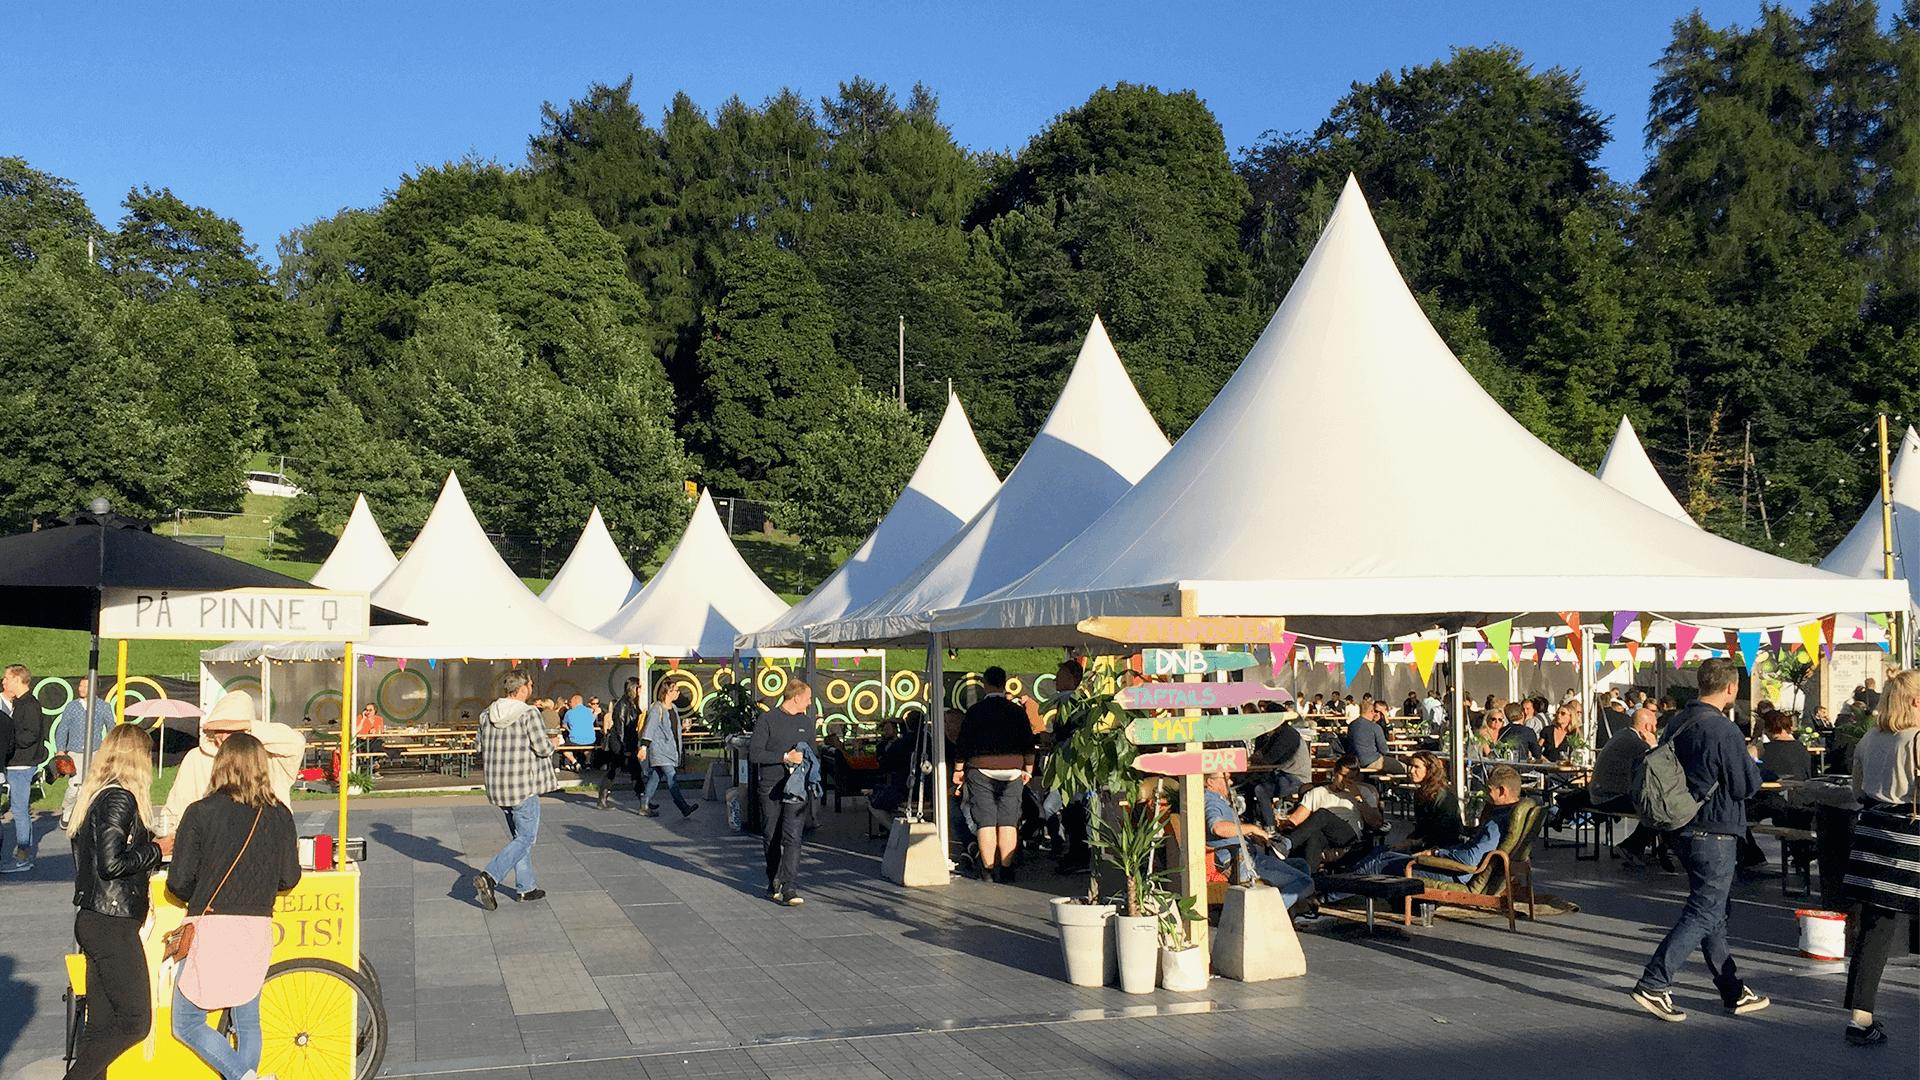 O B Wiik » Tents